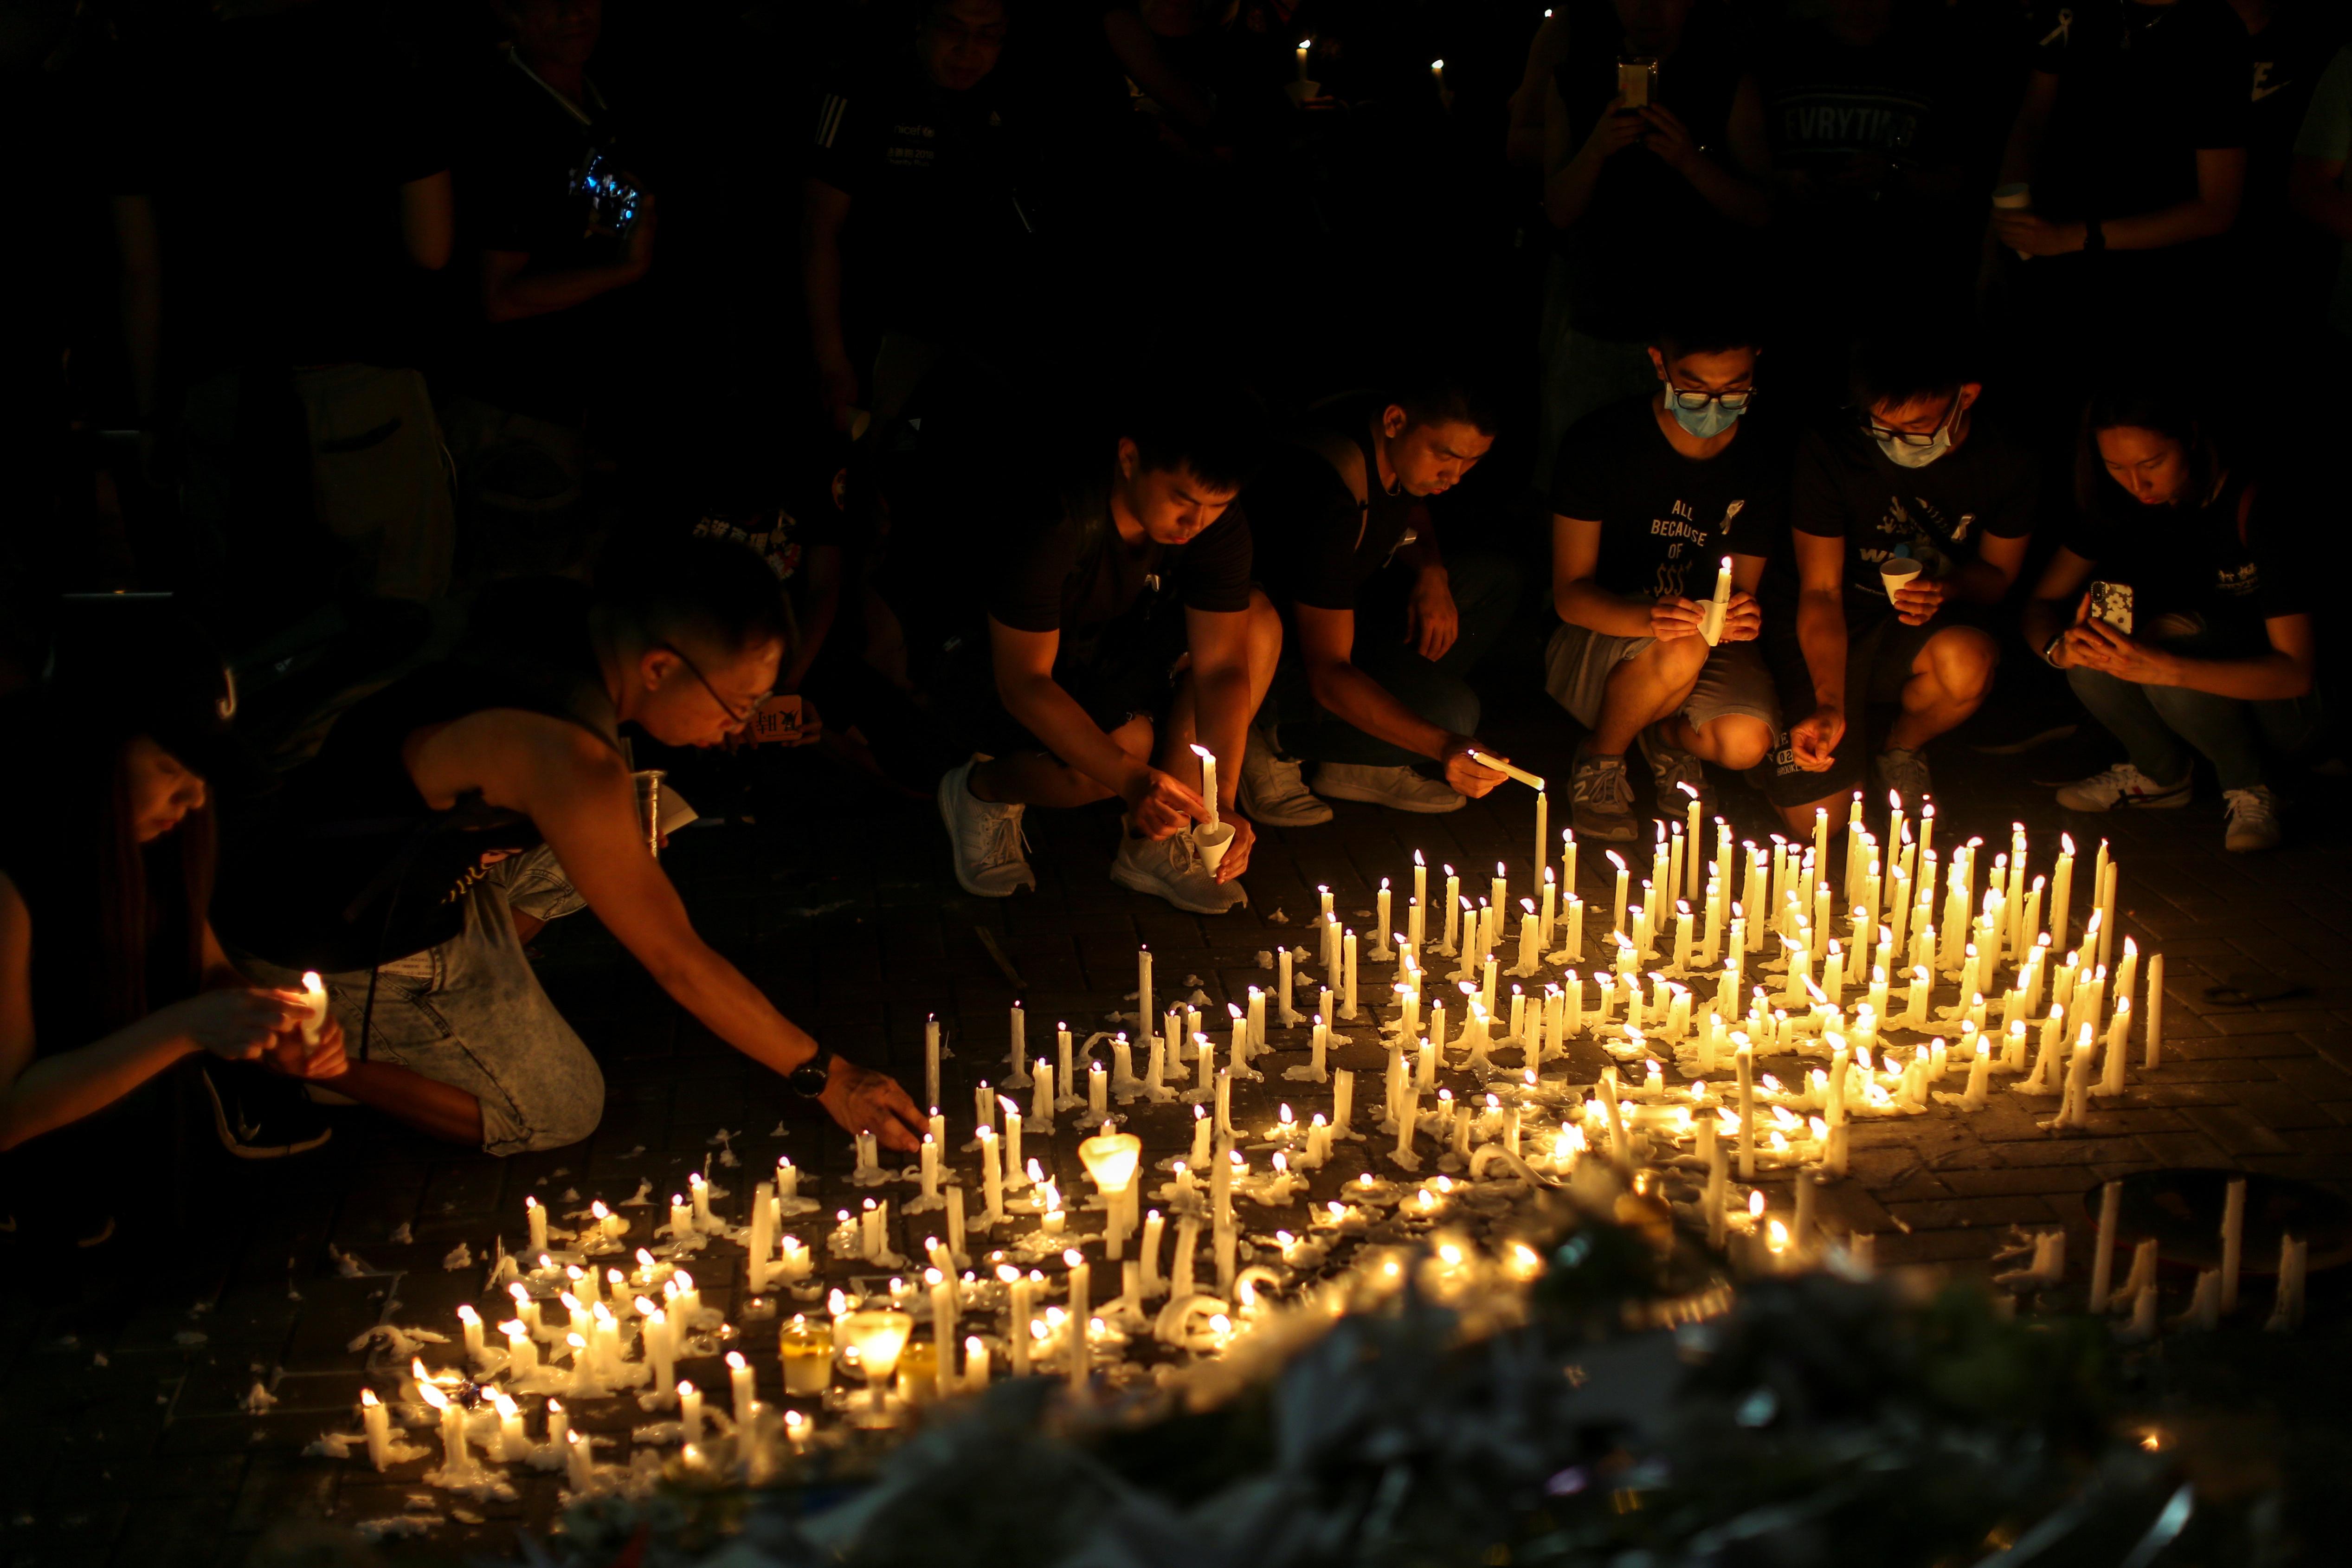 מפגינים חולקים כבוד אחרון למפגין שנהרג לאחר שנפל מפיגומים / צילום: Athit Perawongmetha, רויטרס